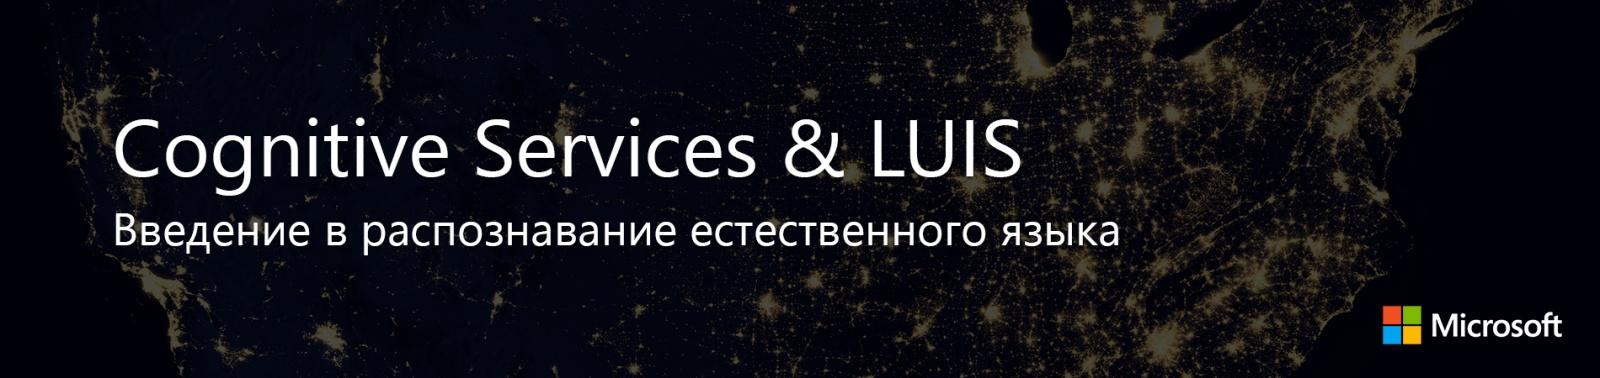 Cognitive Services & LUIS: Введение в распознавание естественного языка - 1